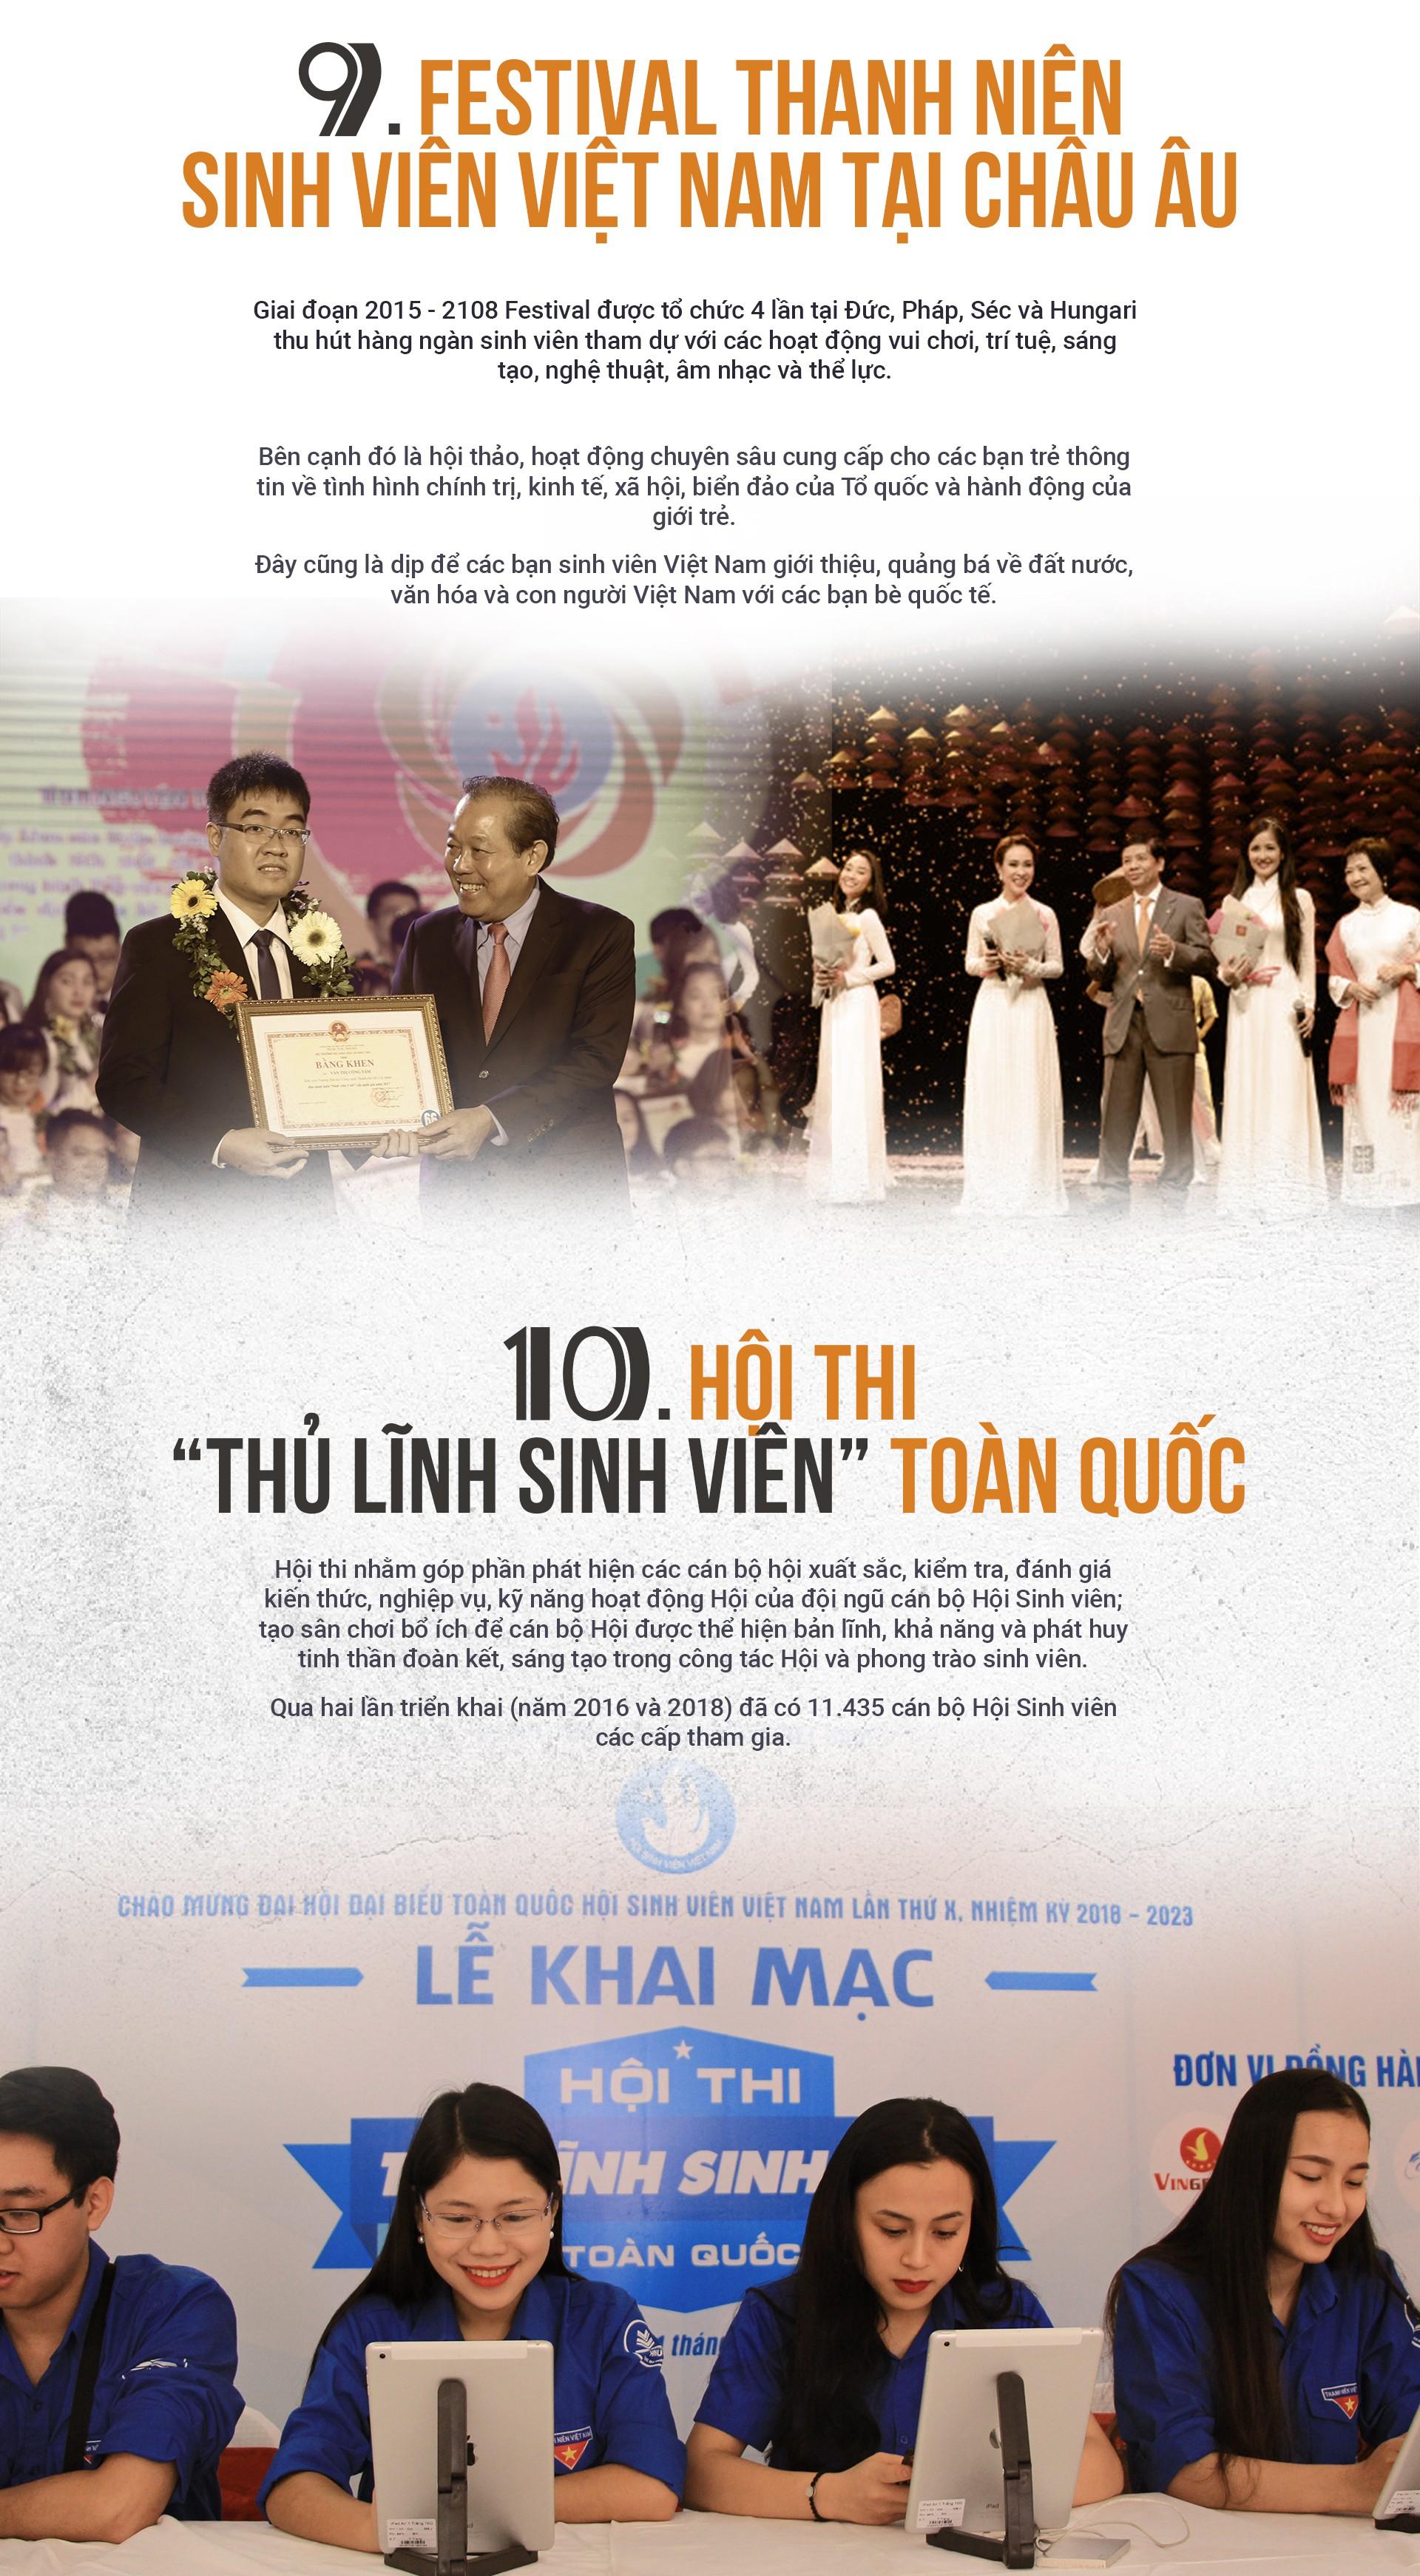 10 hoạt động, chương trình tiêu biểu của sinh viên Việt Nam - Ảnh 5.